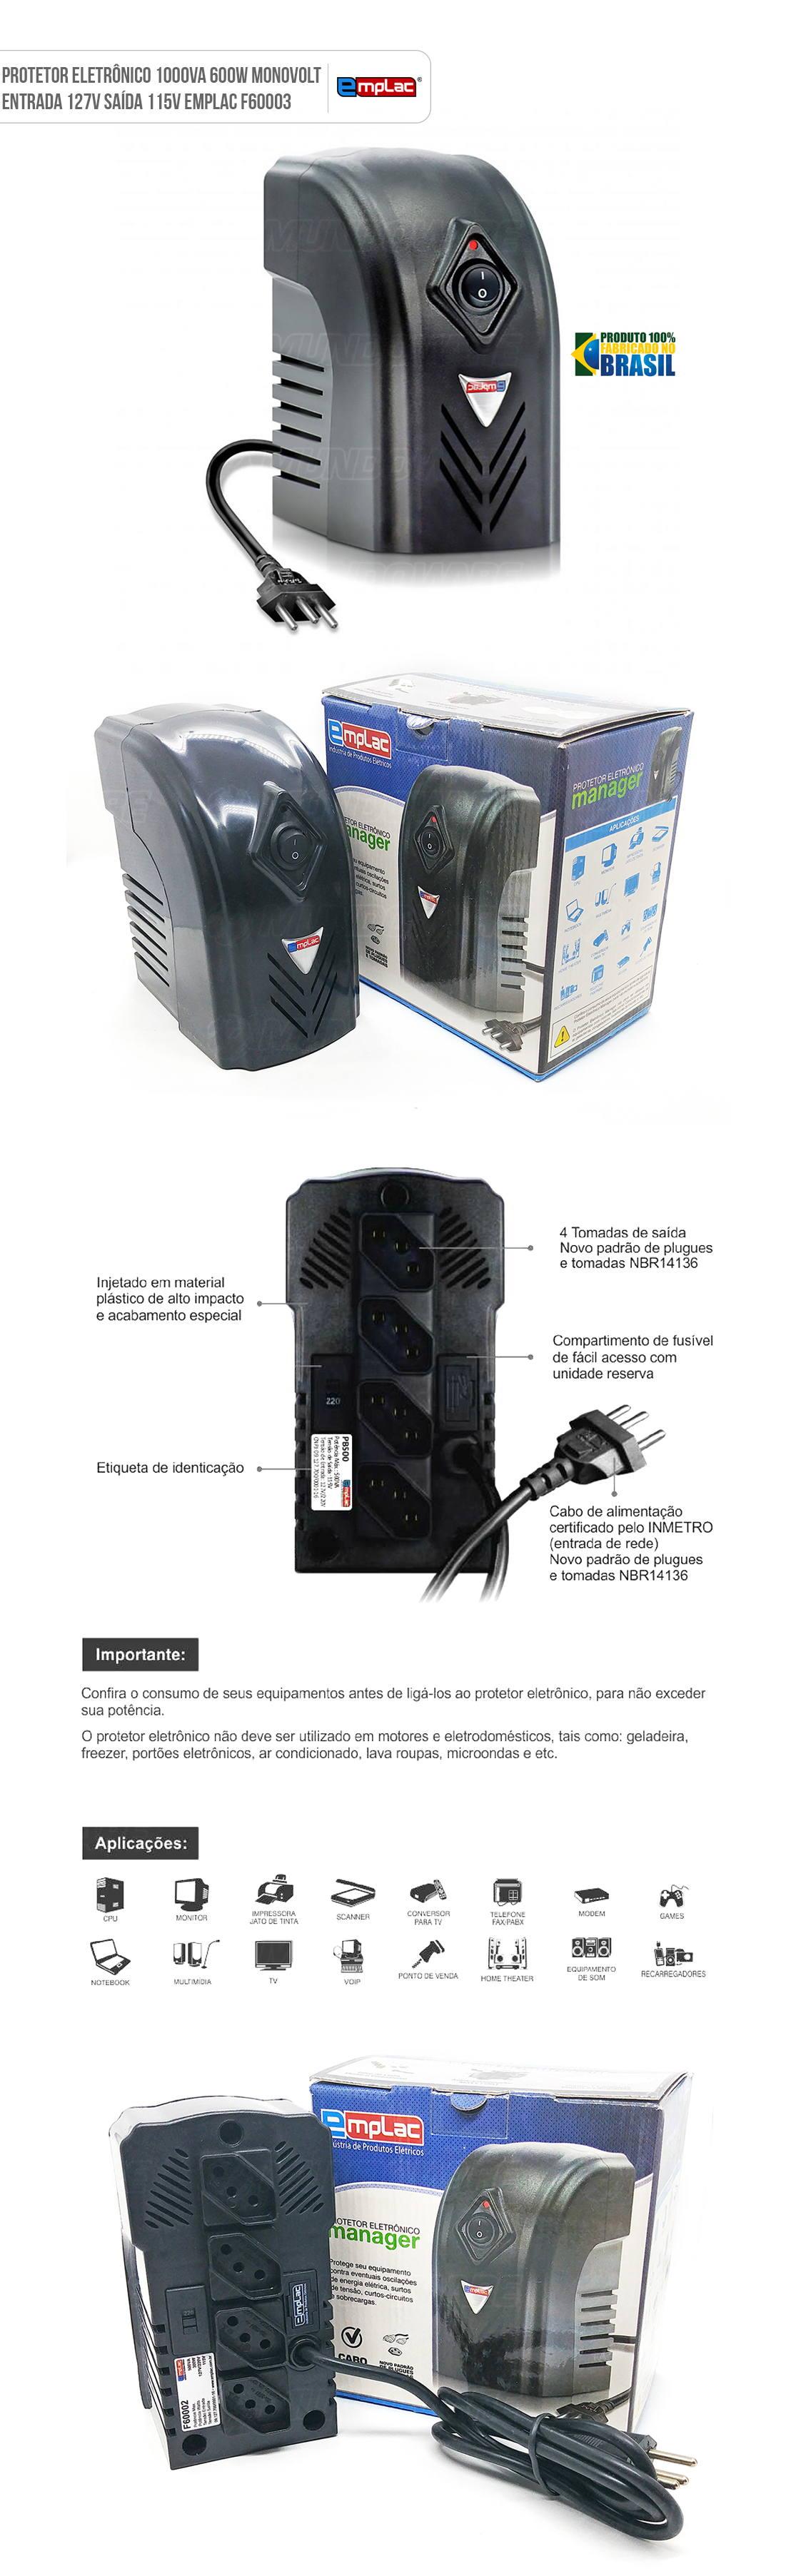 Protetor Eletrônico 1000VA 600W Monovolt Entrada 127V Saída 115V 4 Tomadas Emplac F60003